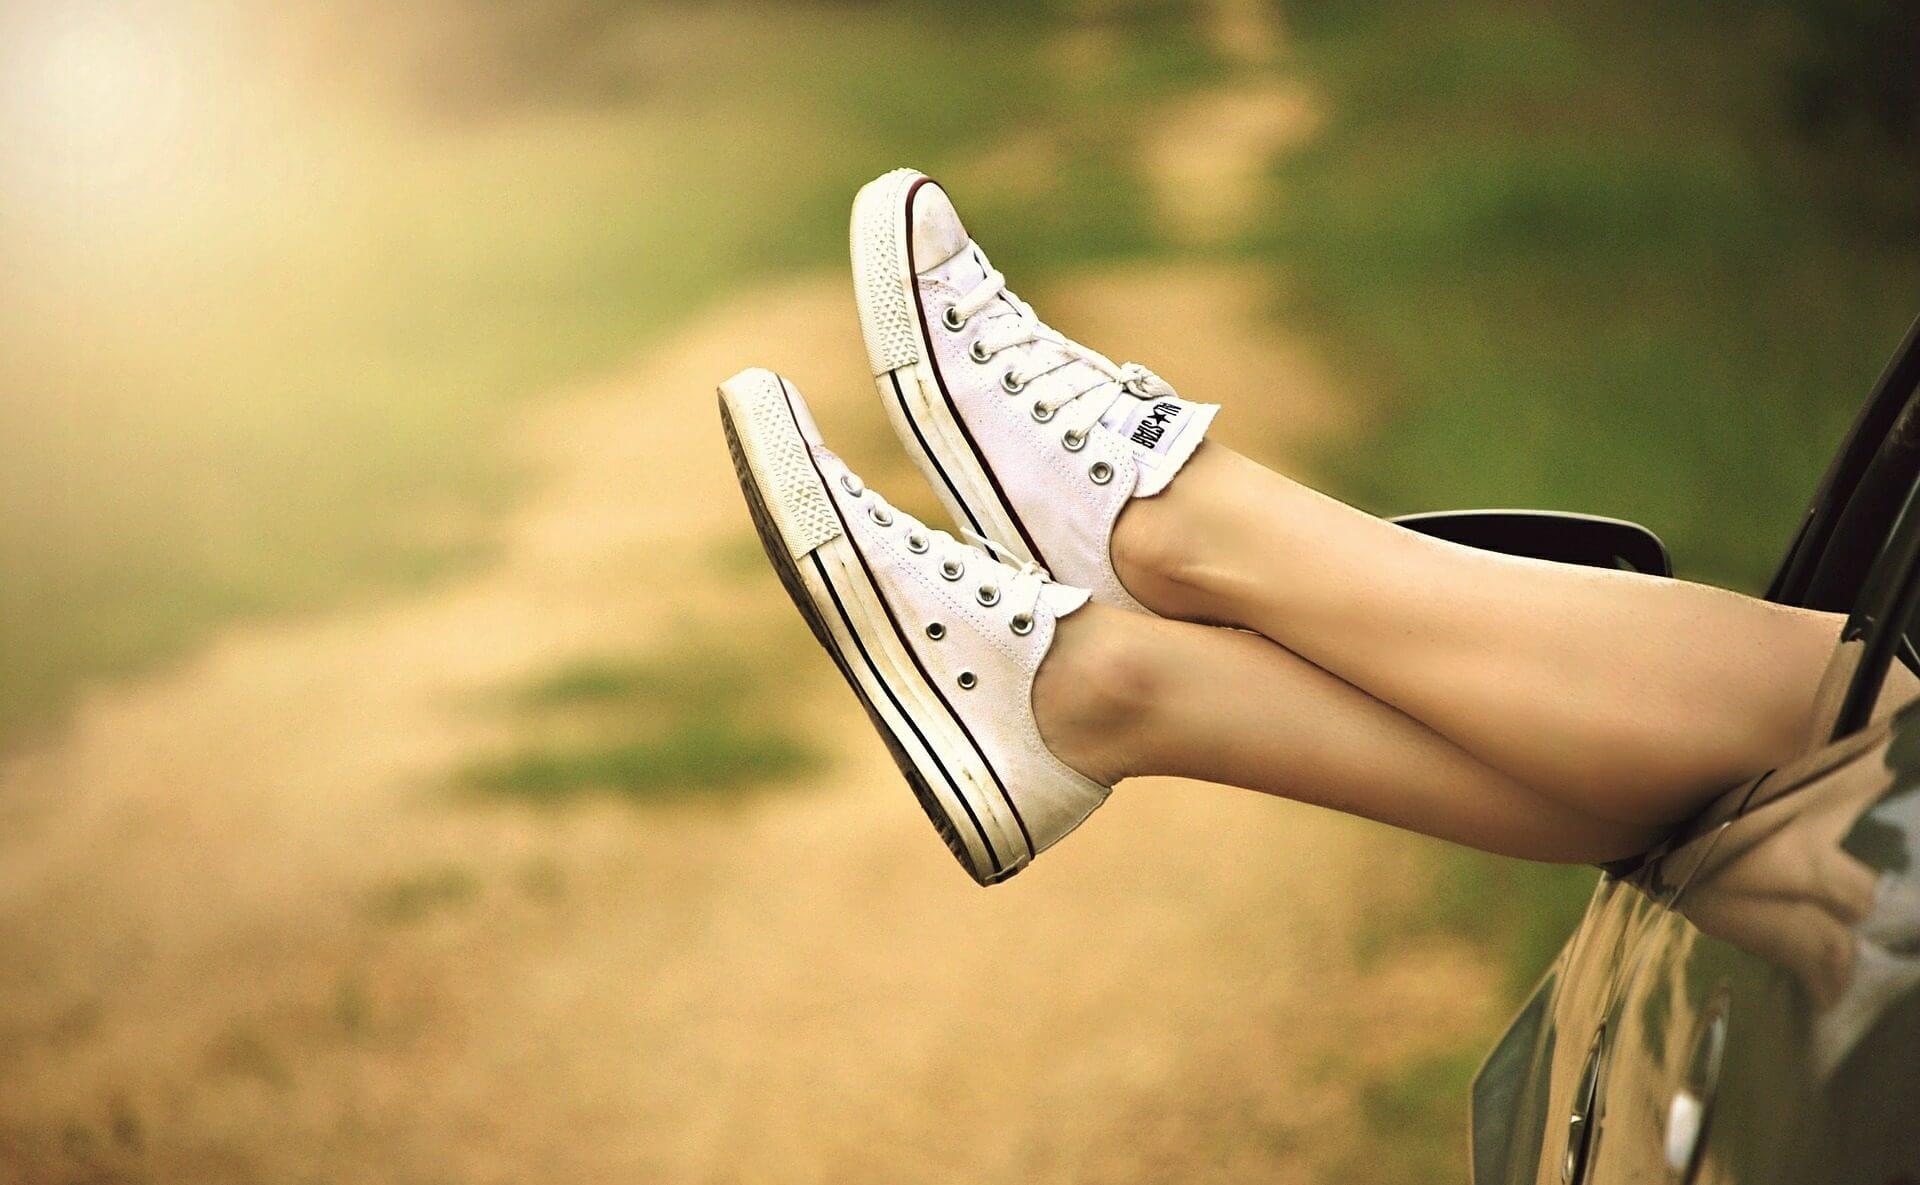 entspannte Füße werden aus einem Autofenster gestreckt